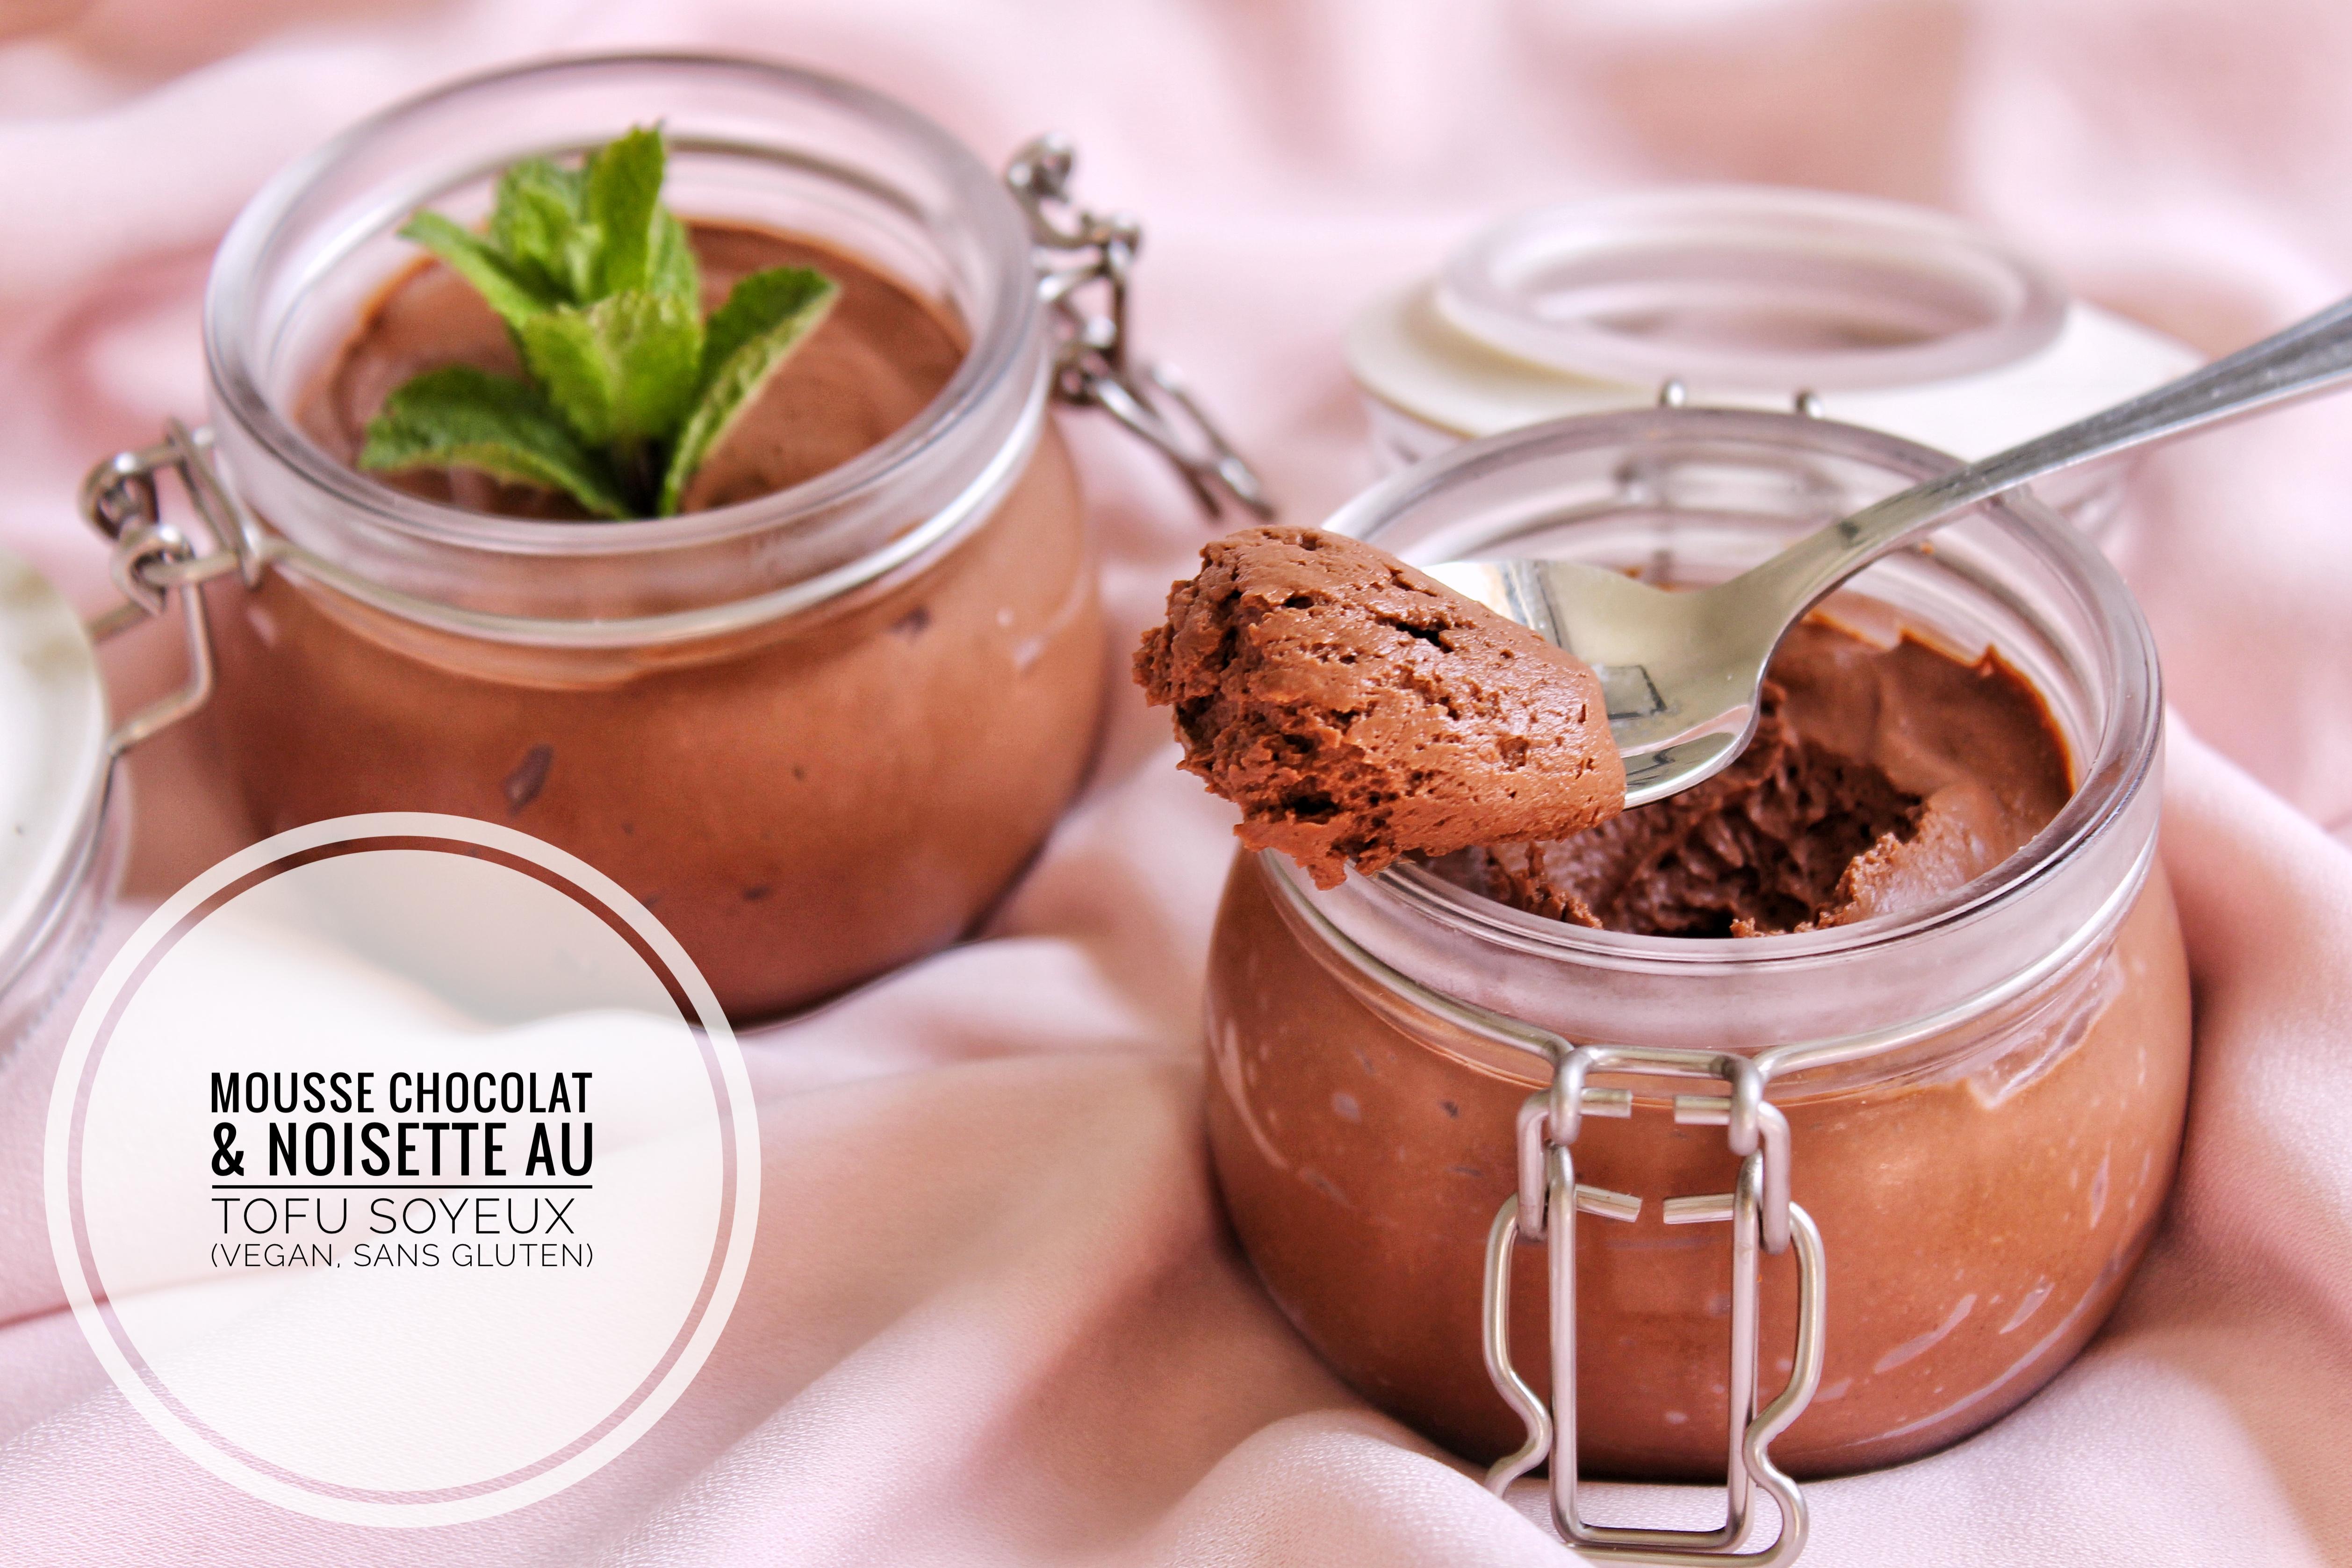 Mousse chocolat noisette au tofu soyeux vegan sans gluten sans lactose sans oeuf